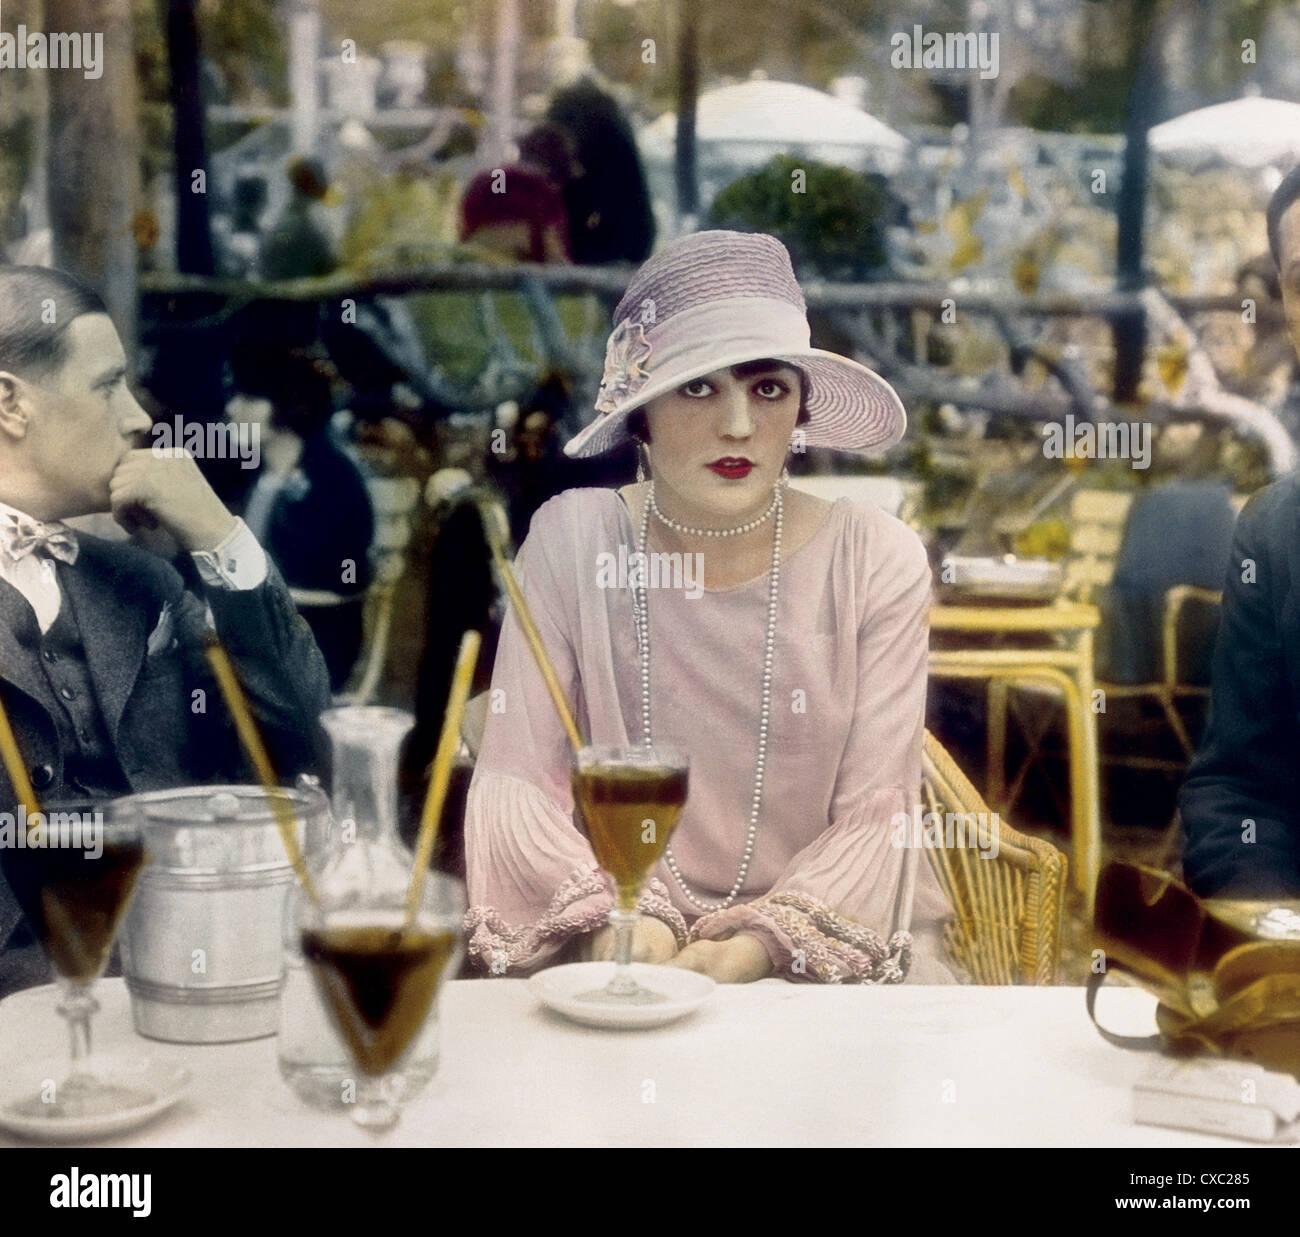 Pola Negri, presso il Cafe de la Paix, Paris, Francia, 1927 Immagini Stock